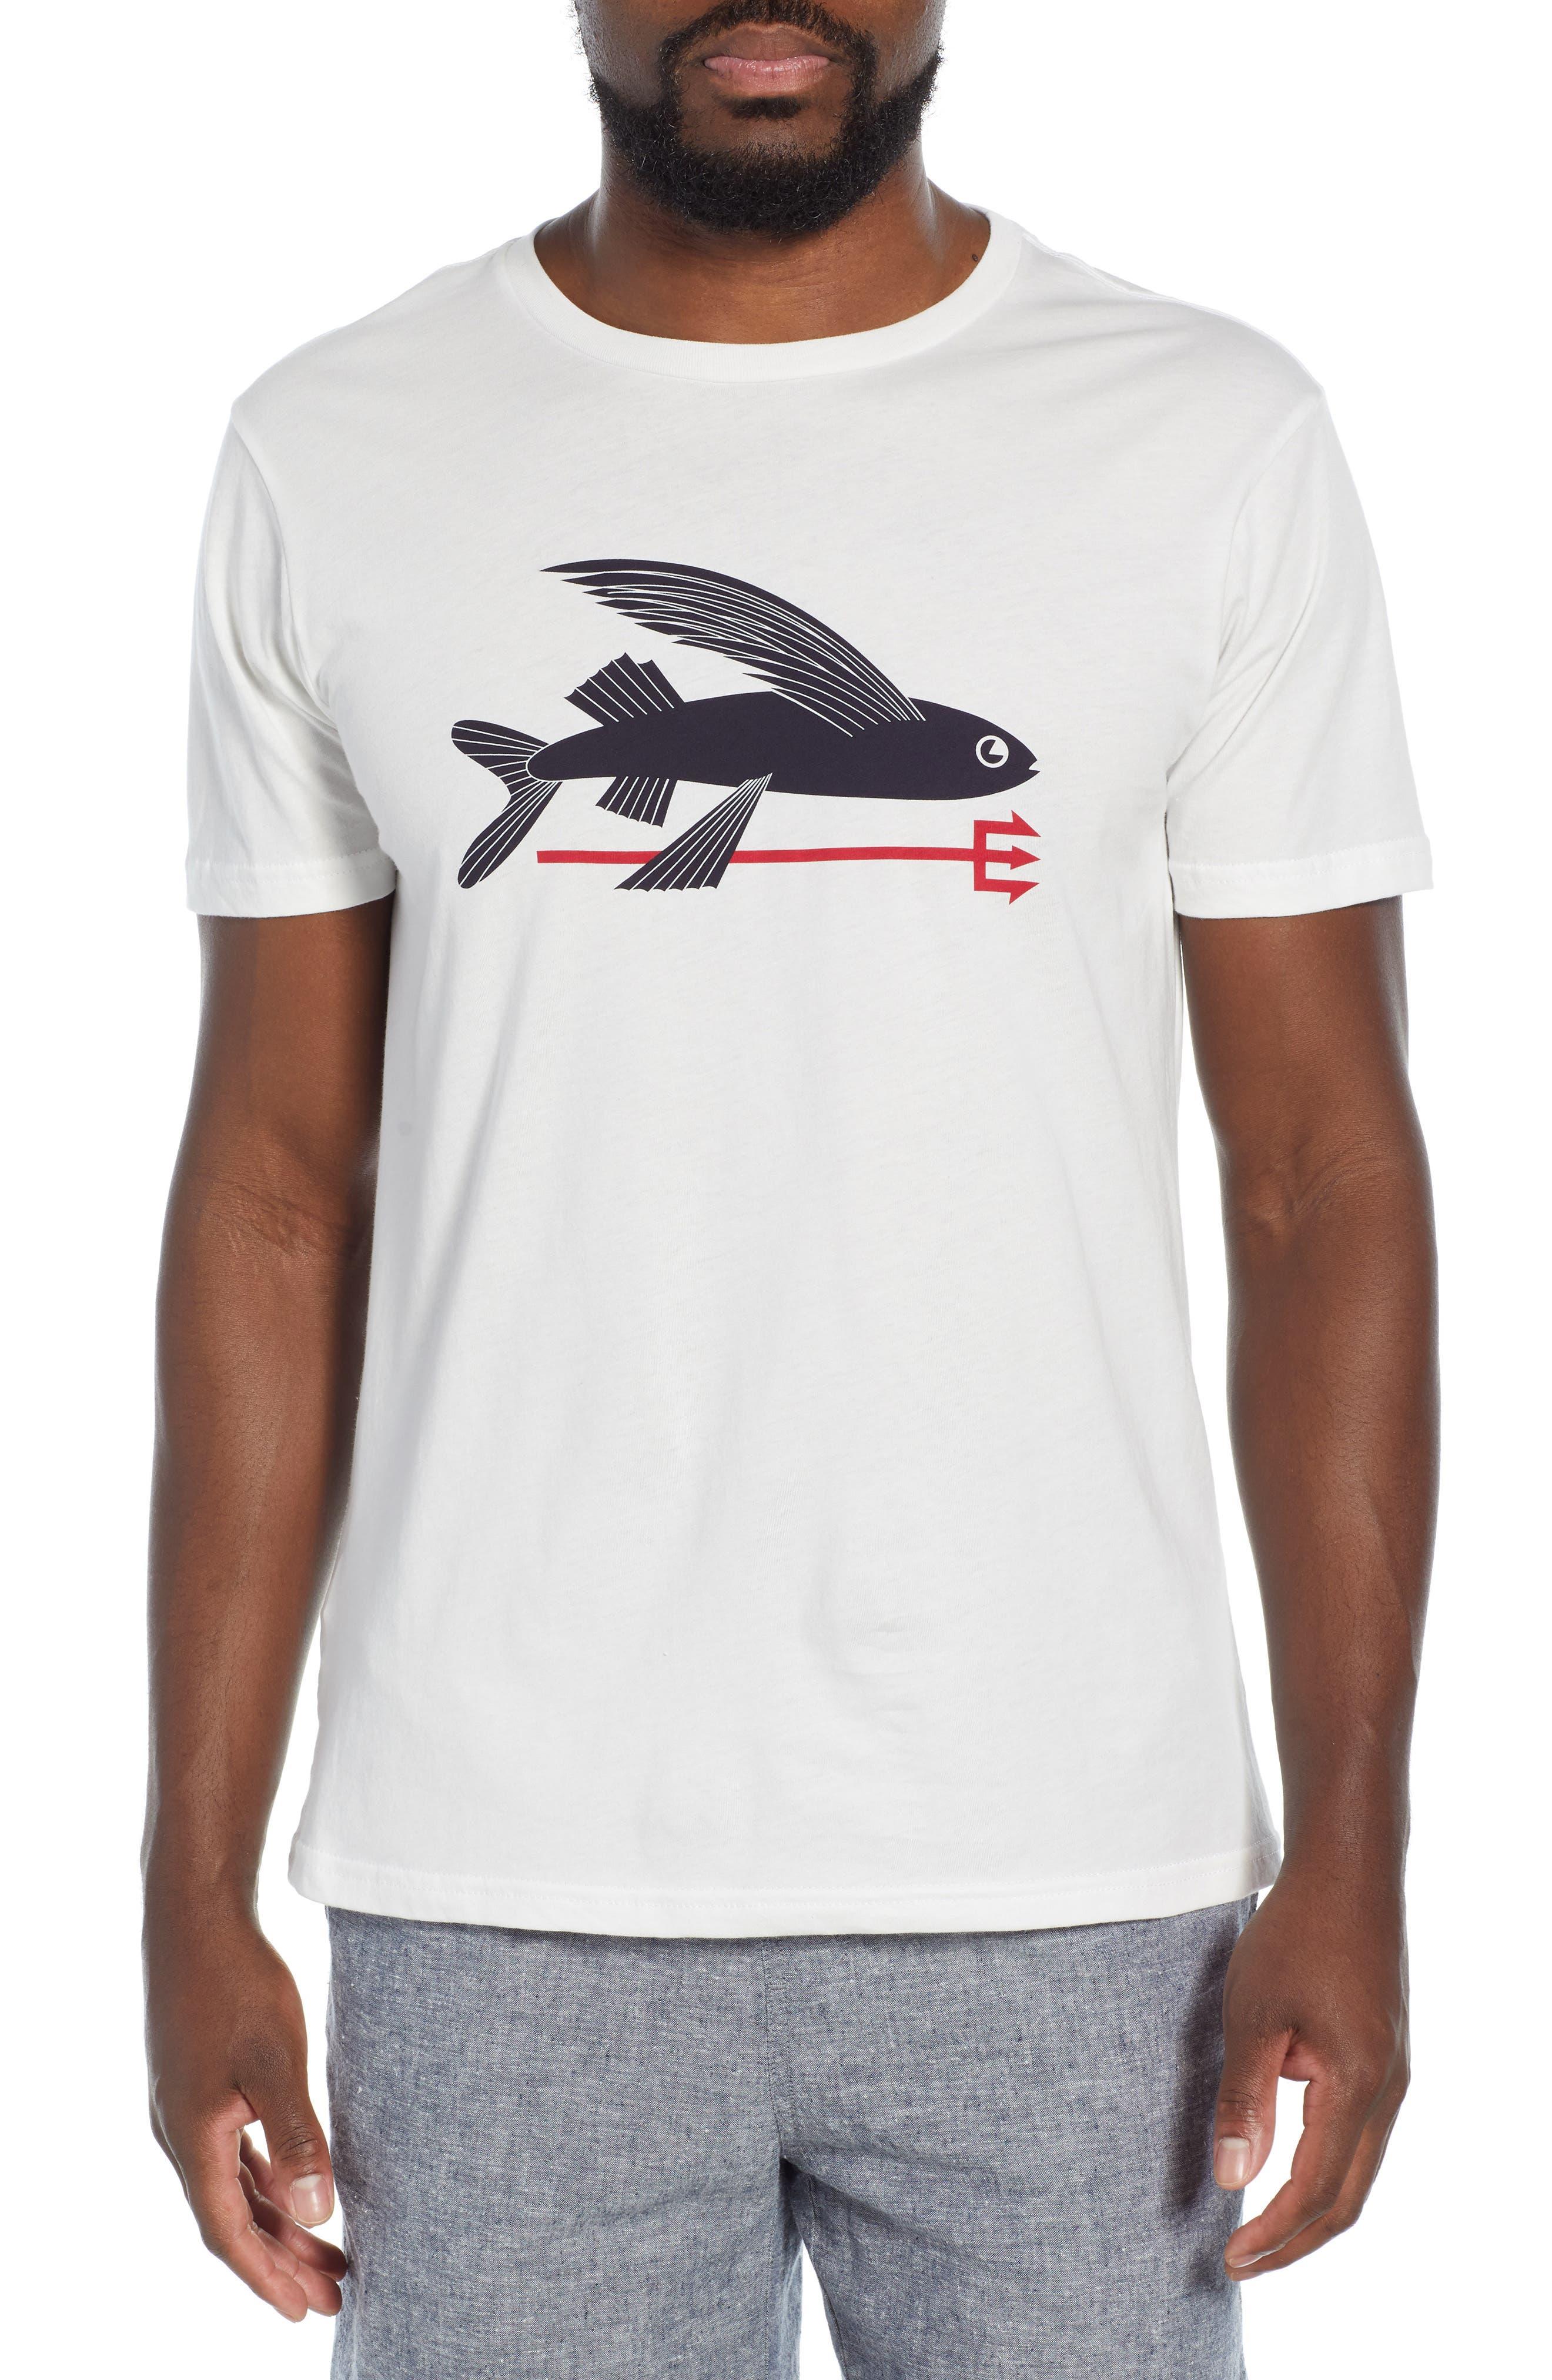 Patagonia Flying Fish Regular Fit Organic Cotton T-Shirt, White